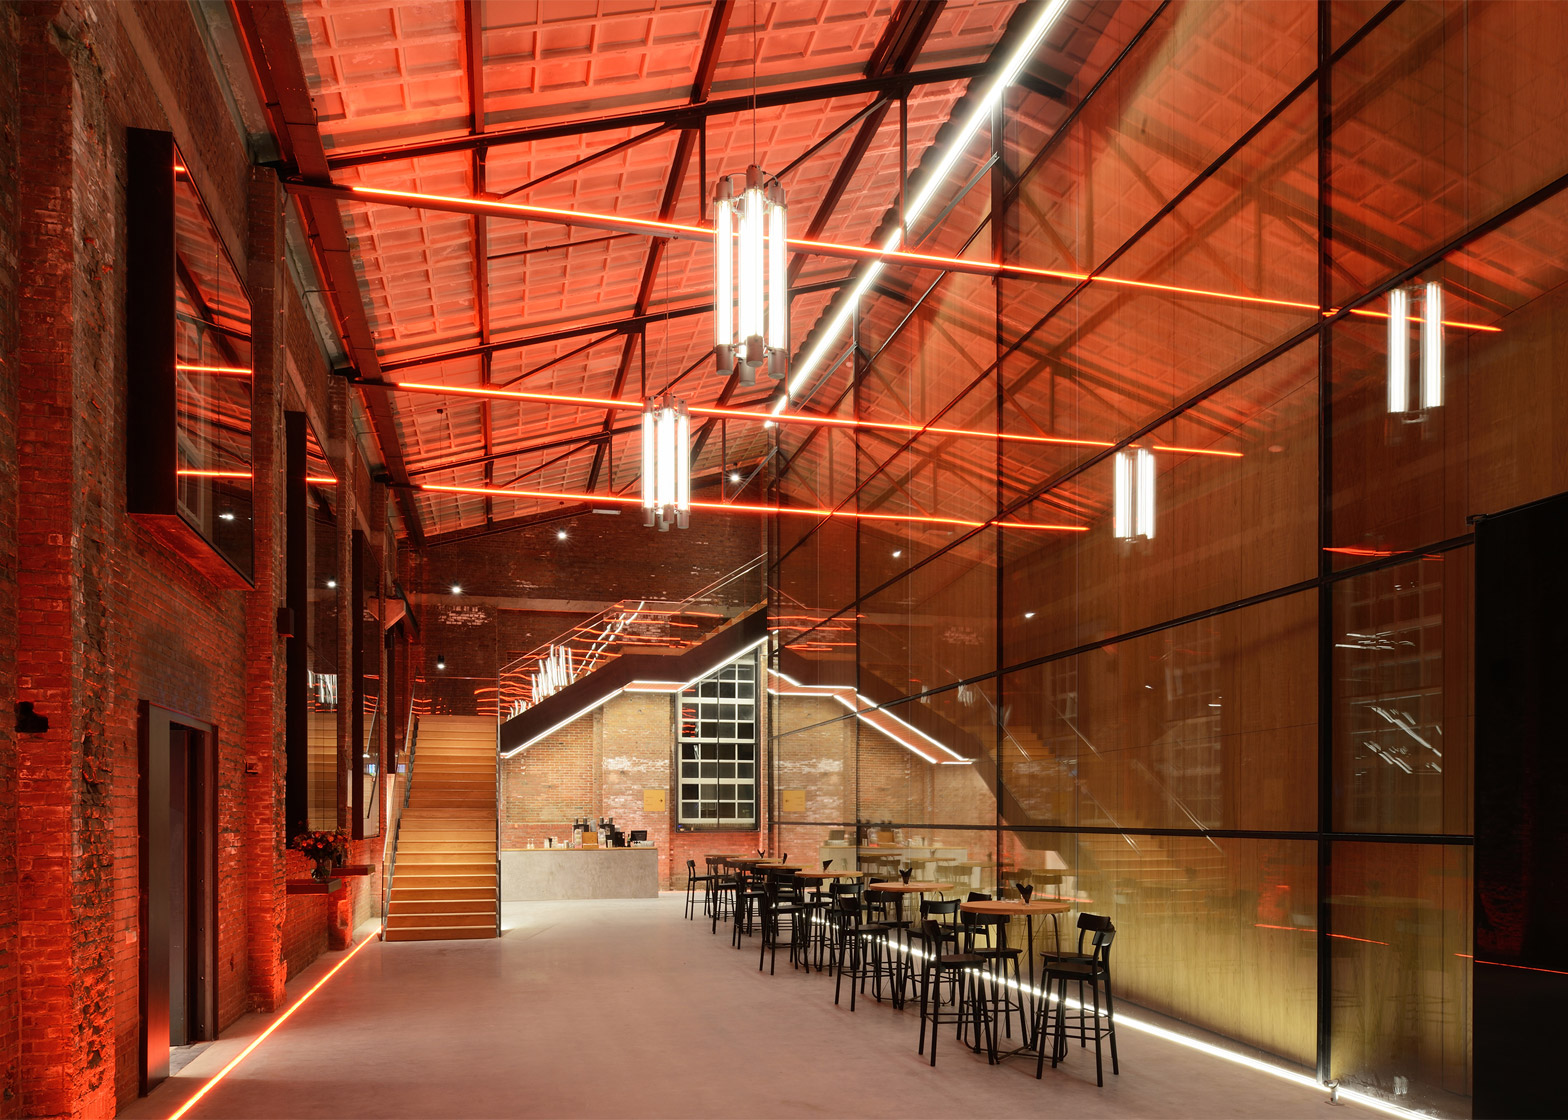 Theatre De Kampanje theatre by Den Helder